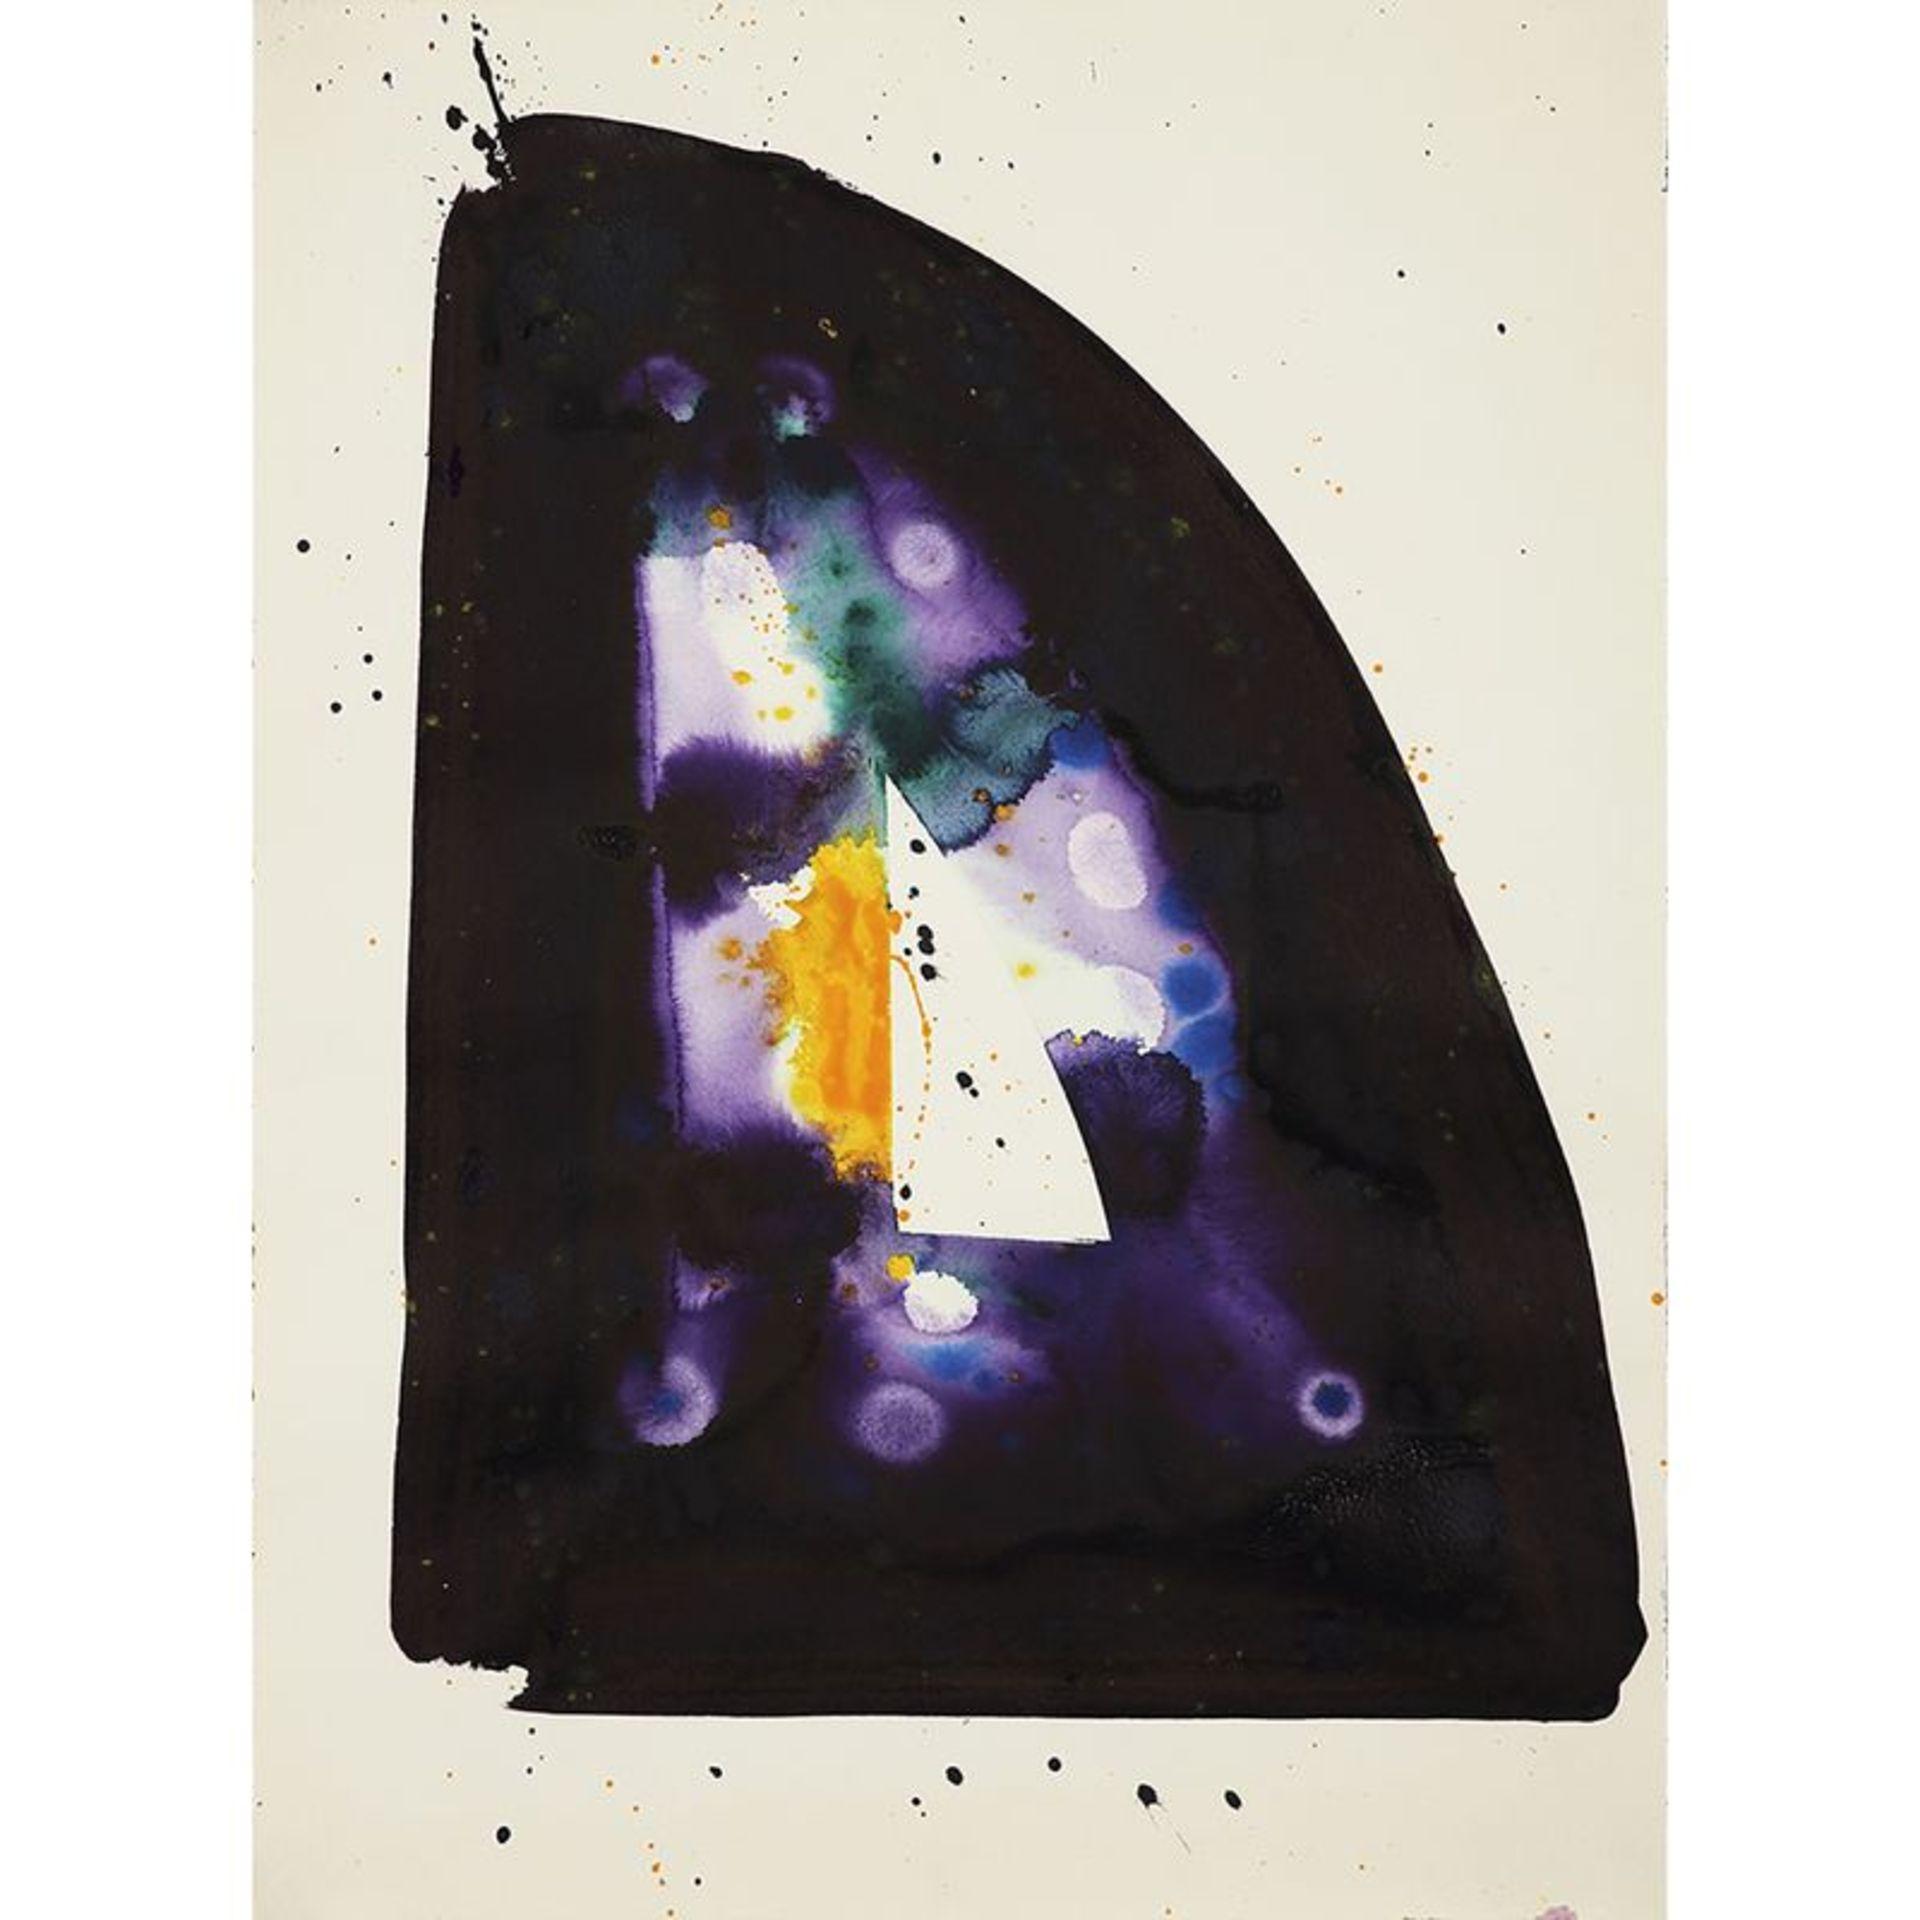 Sam Francis (1923-1994) - Sans titre (SF74-242), 1974 - Acrylique sur papier - [...]